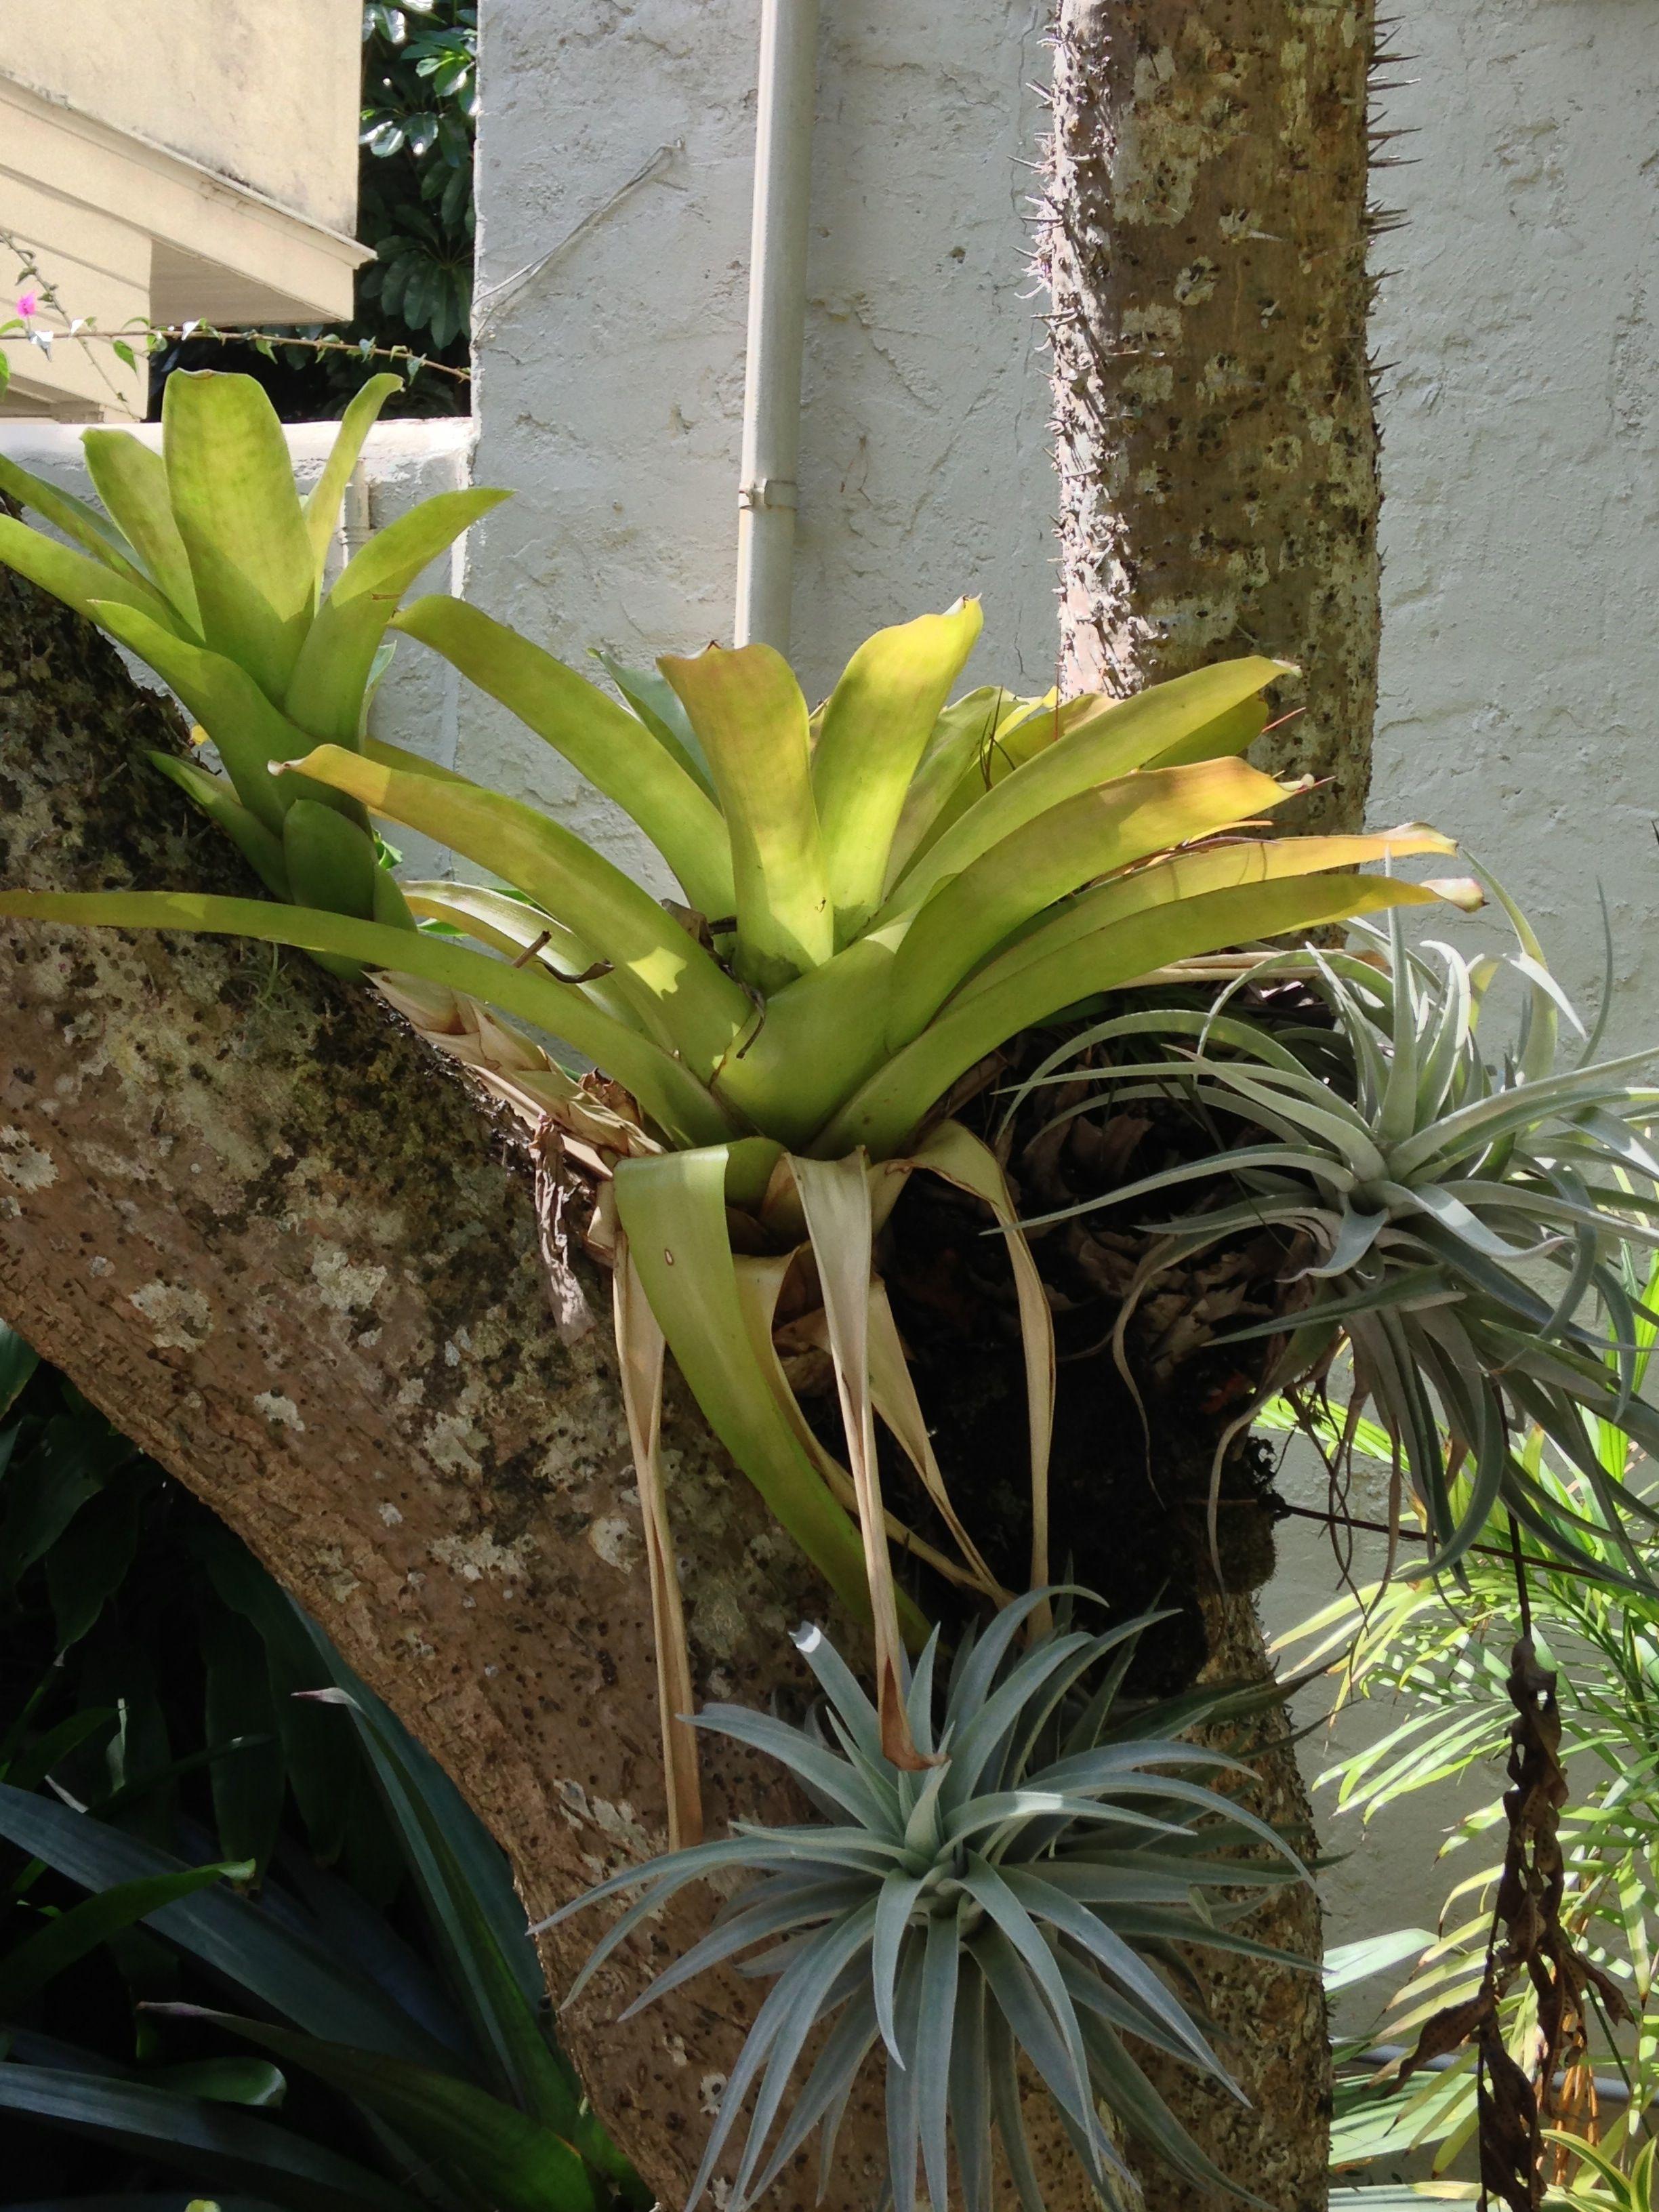 Bromeliad Growing In Tree